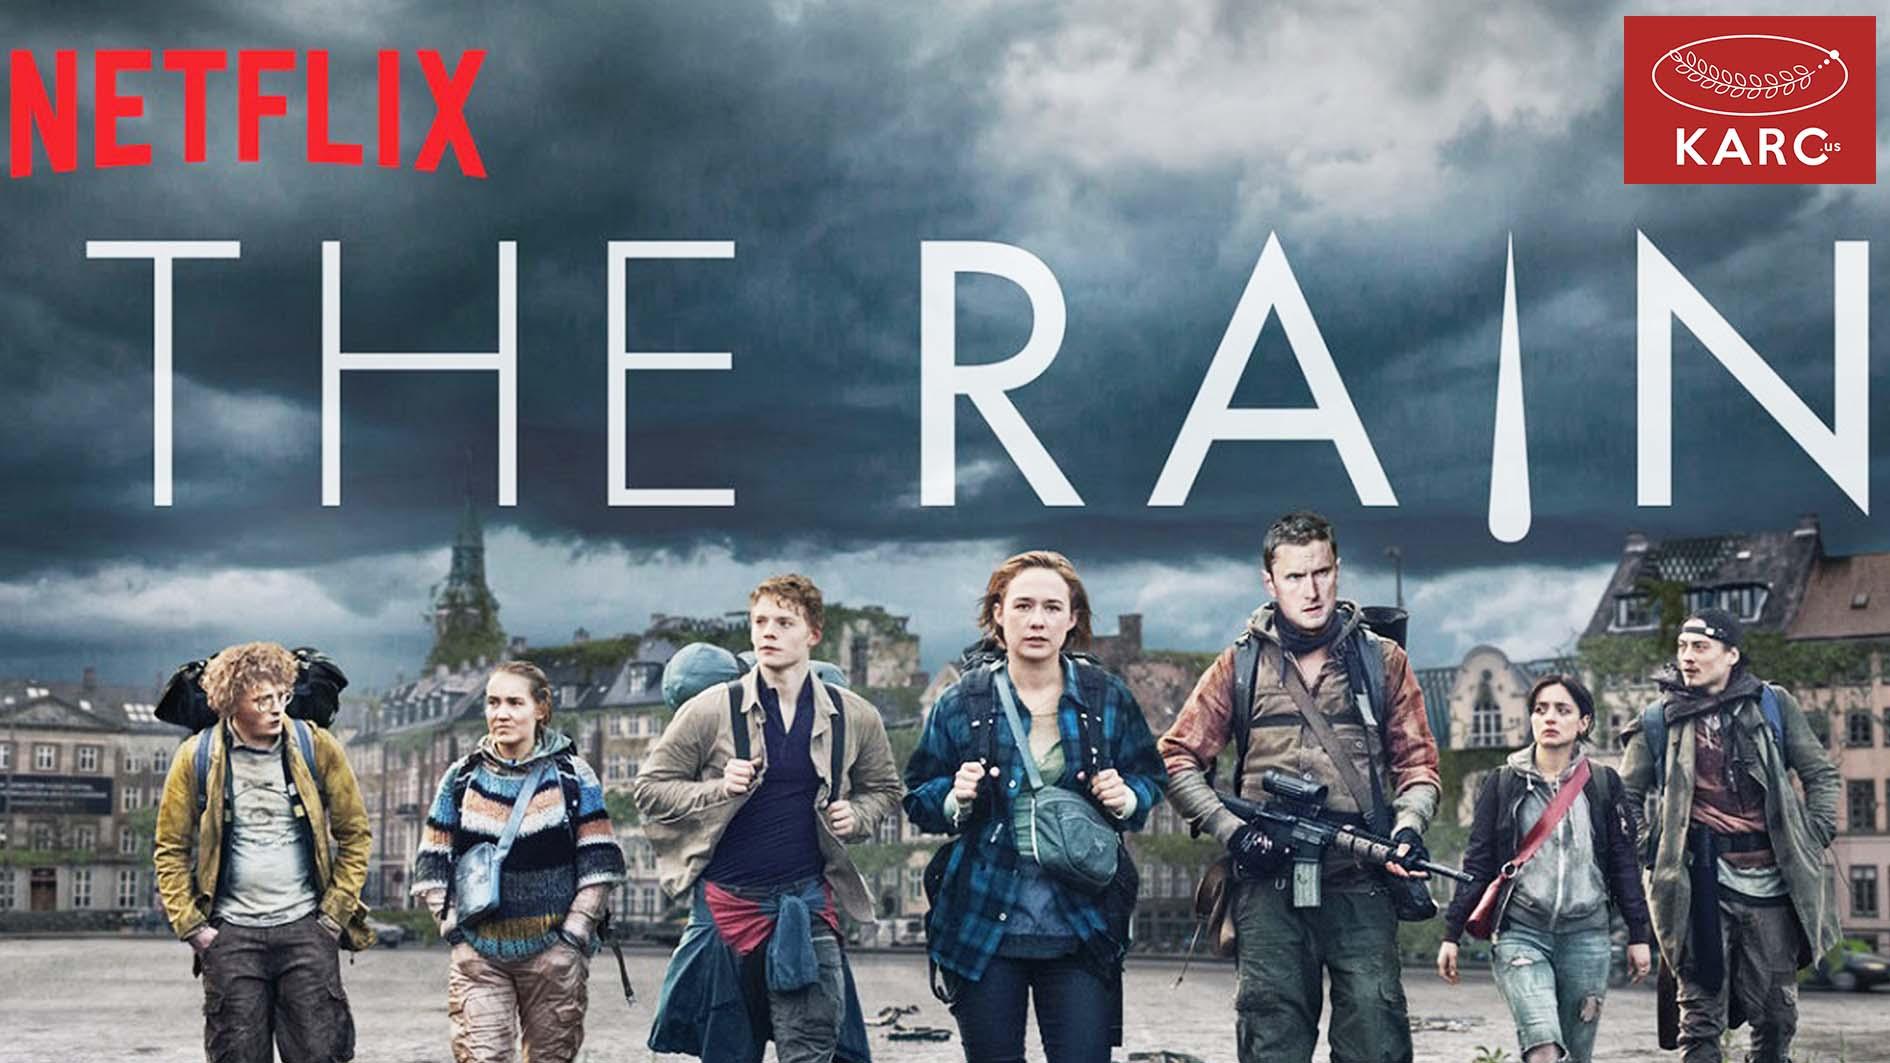 รีวิว NETFLIX The rain - Karc.us